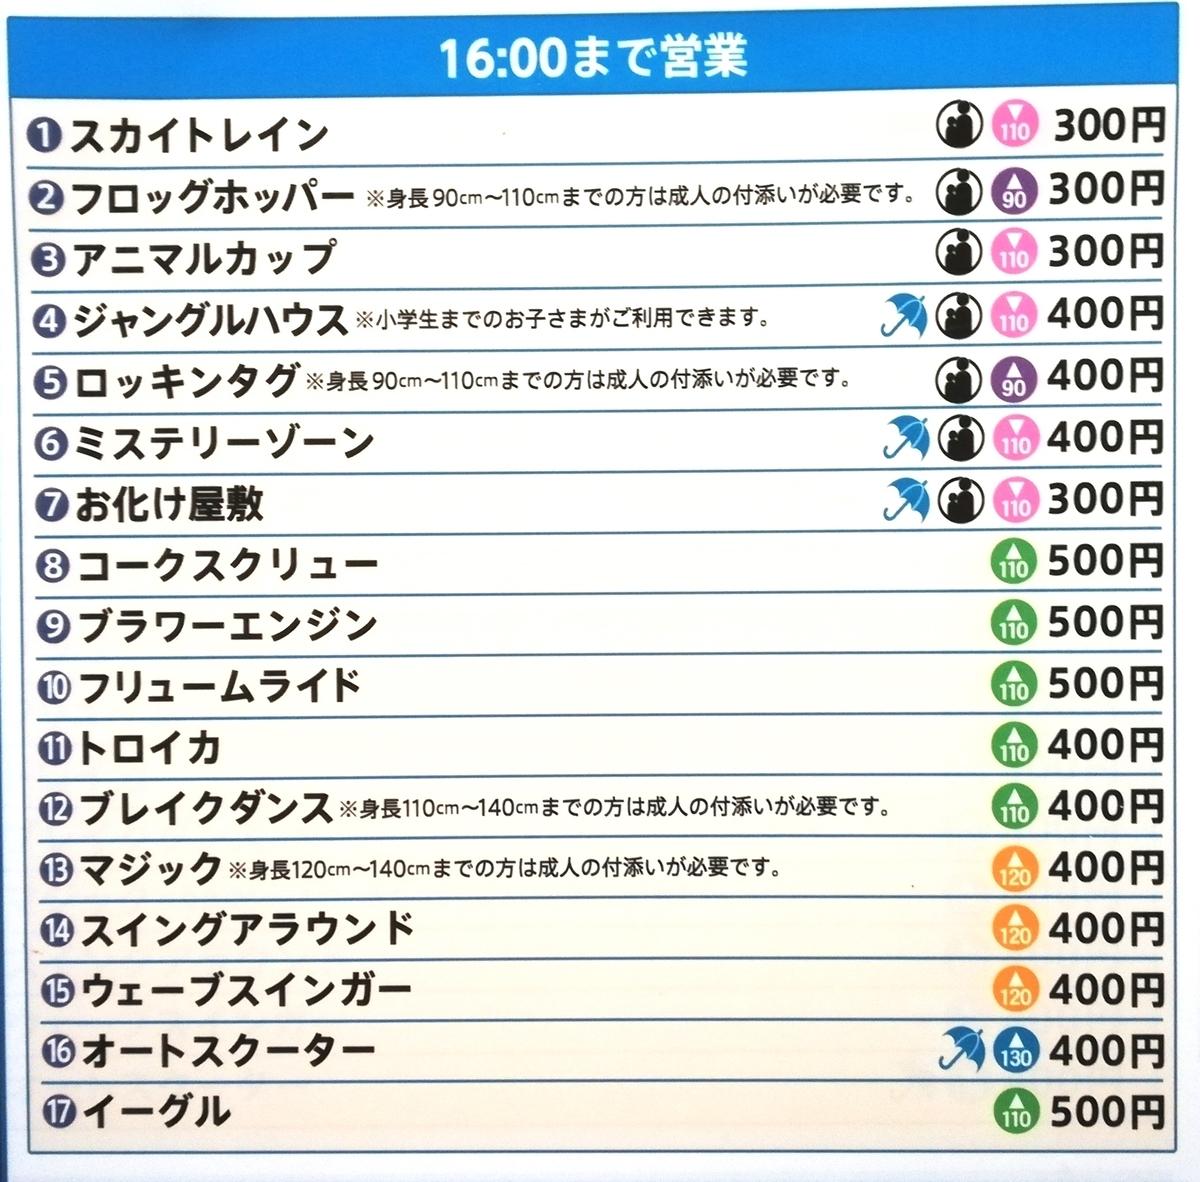 f:id:Tokyo-amuse:20191107223853j:plain